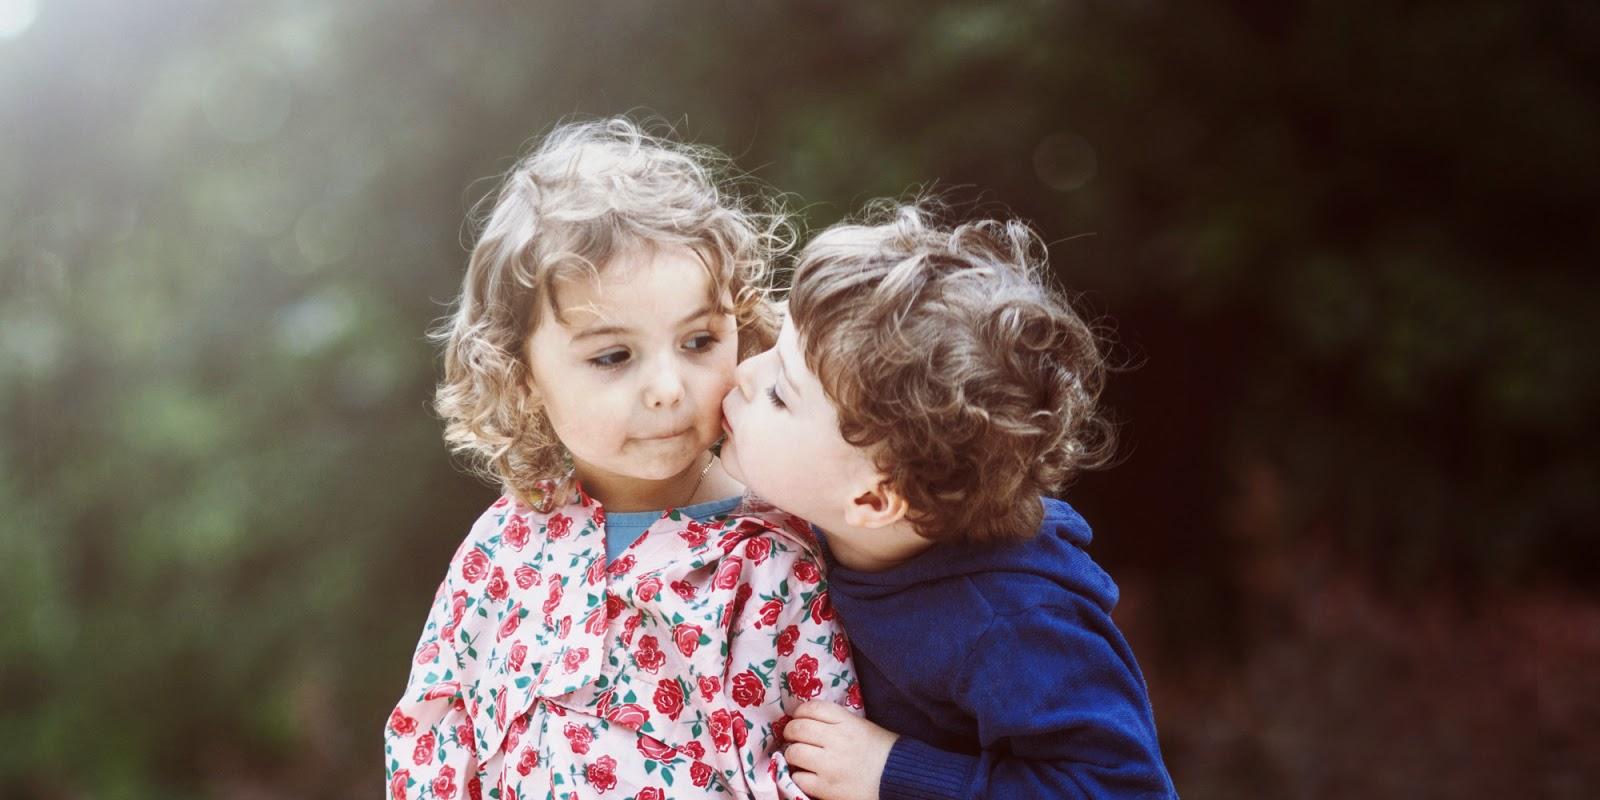 Gambar Anak Kecil Lucu Romantis